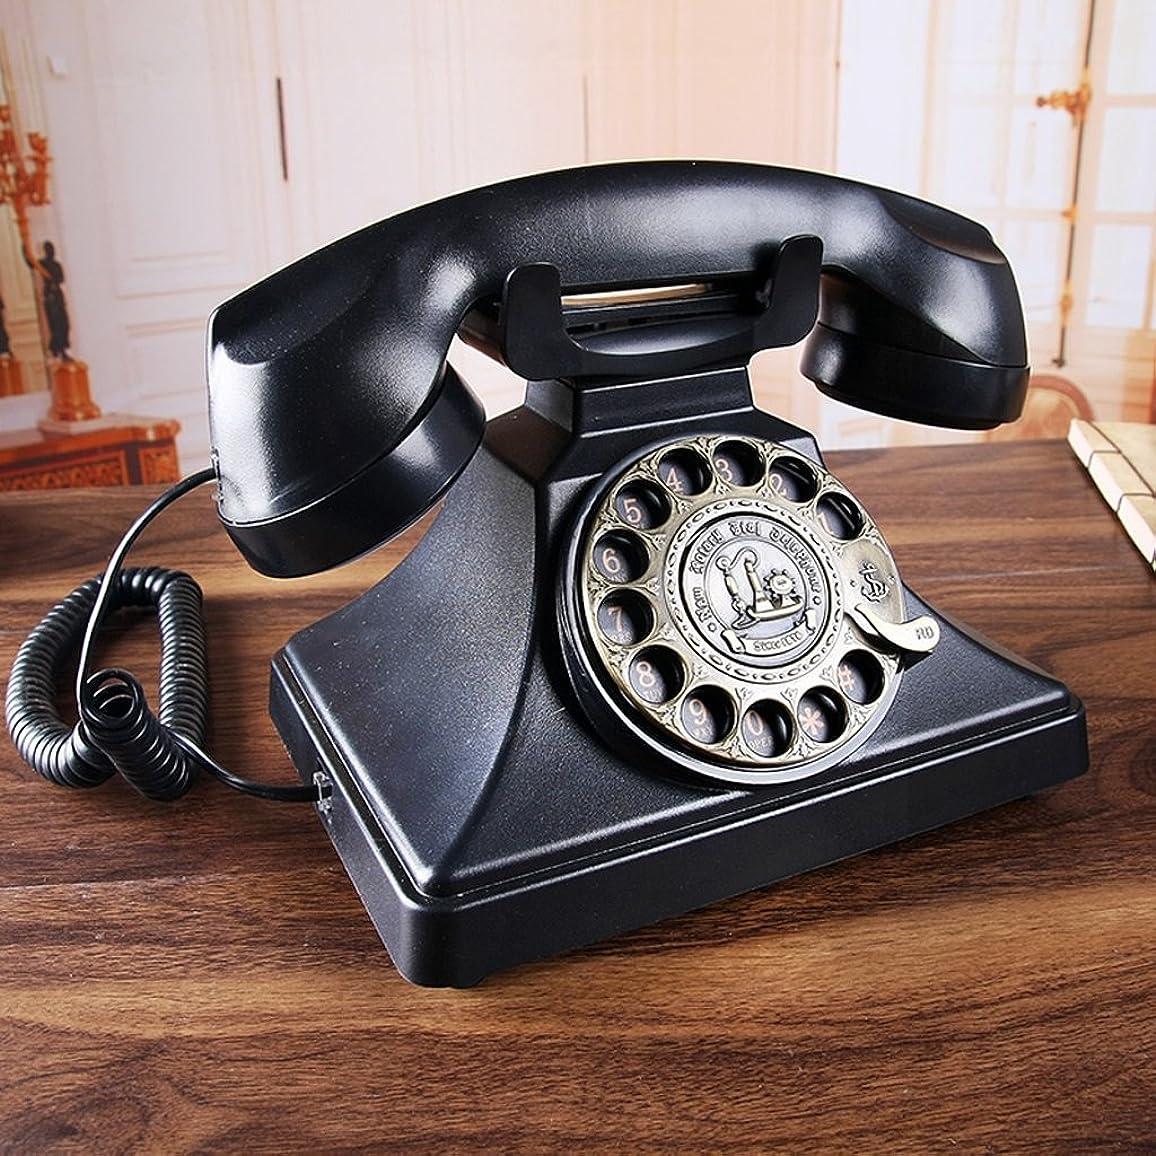 まだ薬理学幻想的NAMEI アンティーク電話/有線電話/ホームオフィスのデスクトップを回転固定電話/黒の機械着メロL22CM * W18CM * H20CM